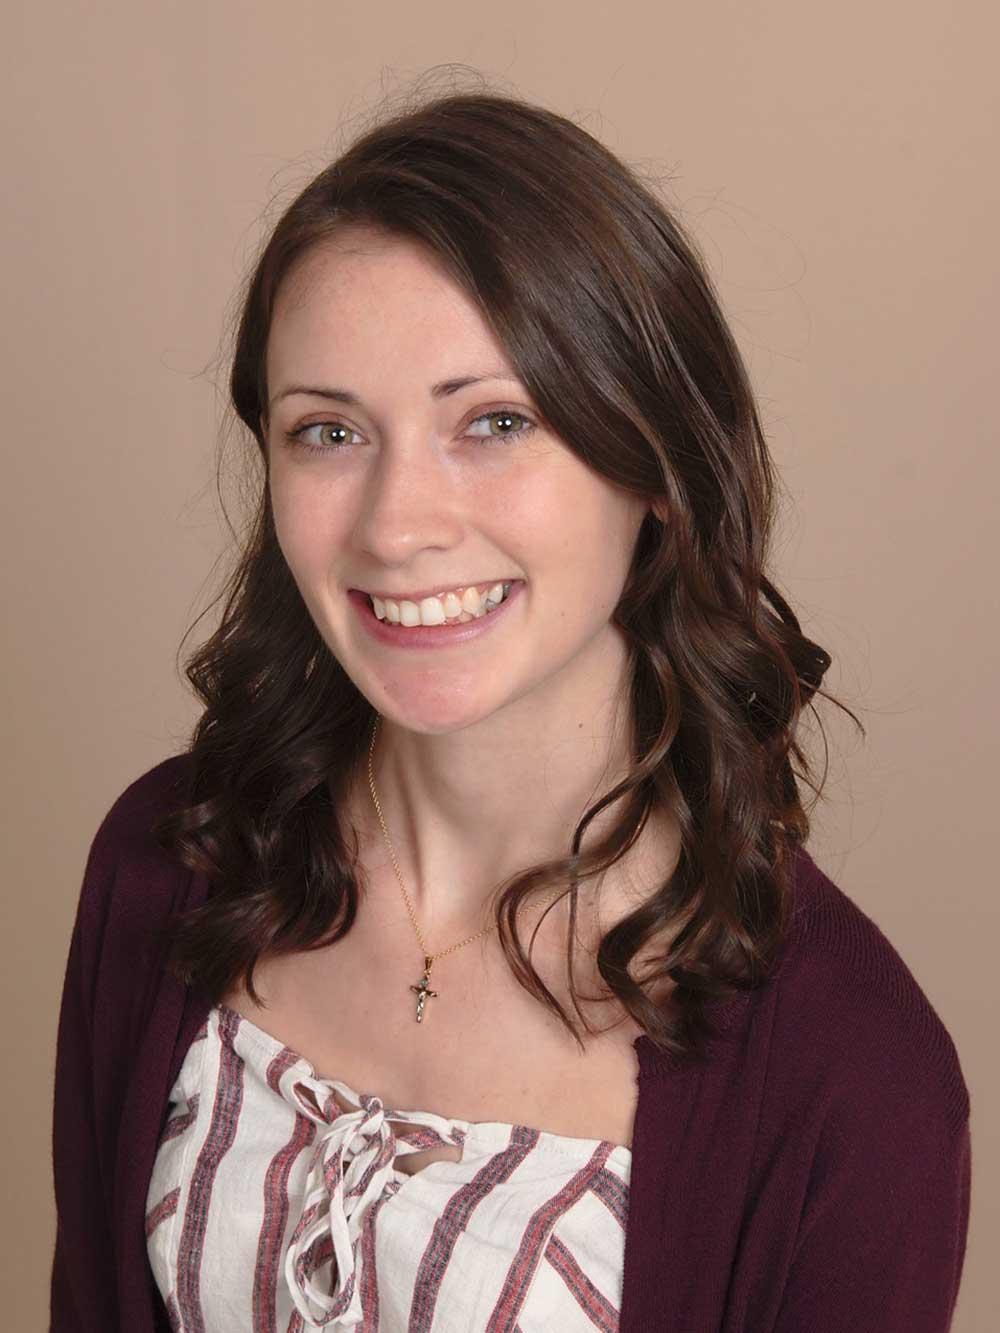 Alyssa Straiton